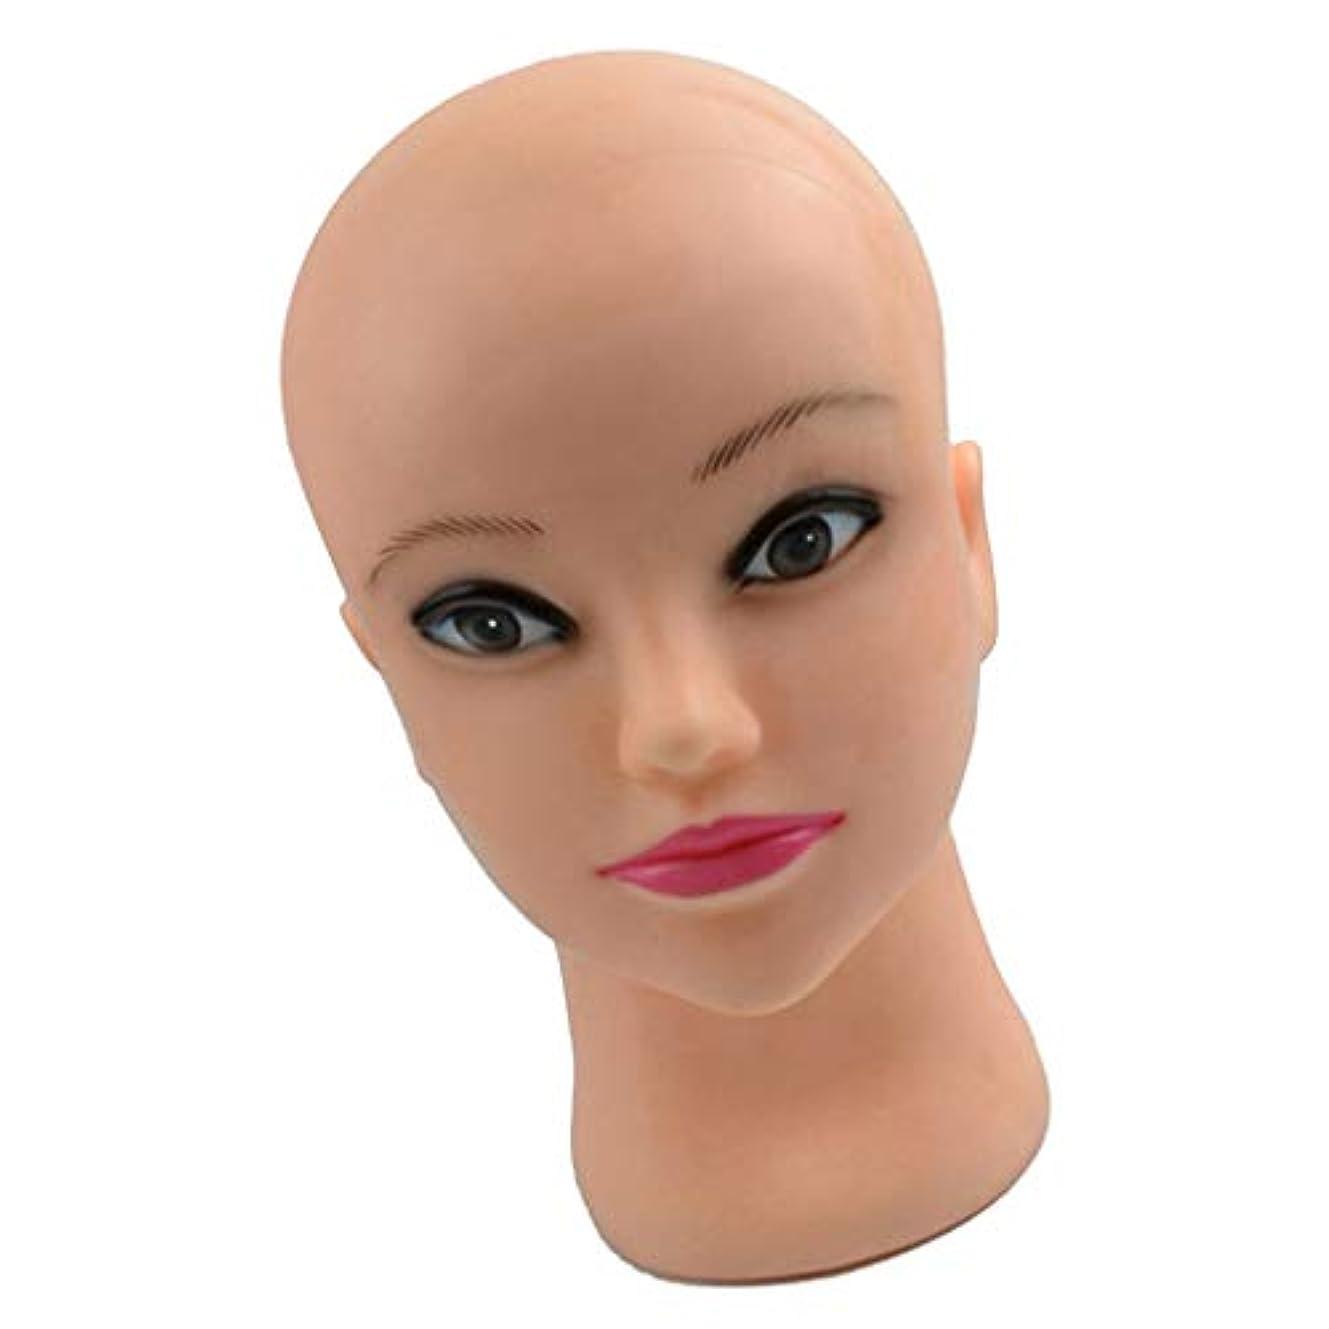 ハブブ雪所有者Perfeclan マネキンヘッド メイク 化粧練習 シリコーン メイク練習用 モデル 美容室用 トレーニングに